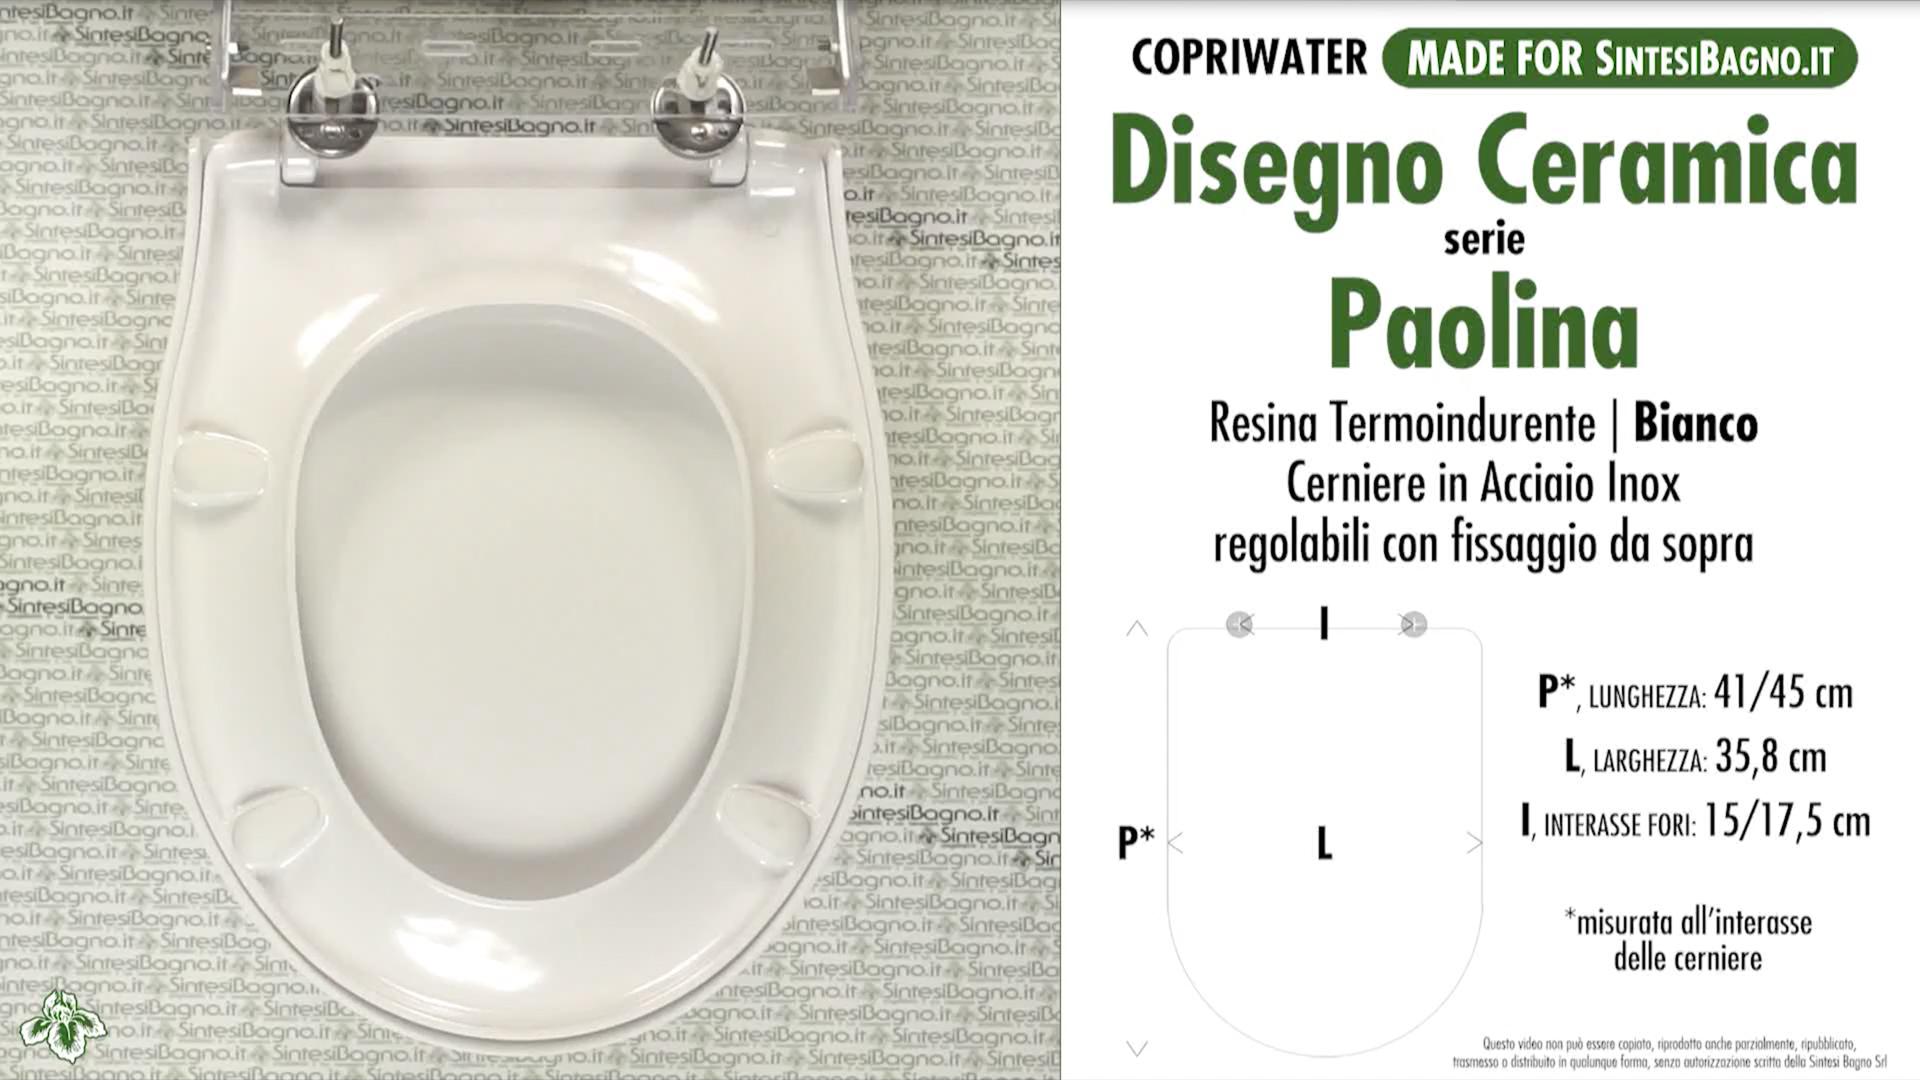 SCHEDA TECNICA MISURE copriwater DISEGNO CERAMICA PAOLINA